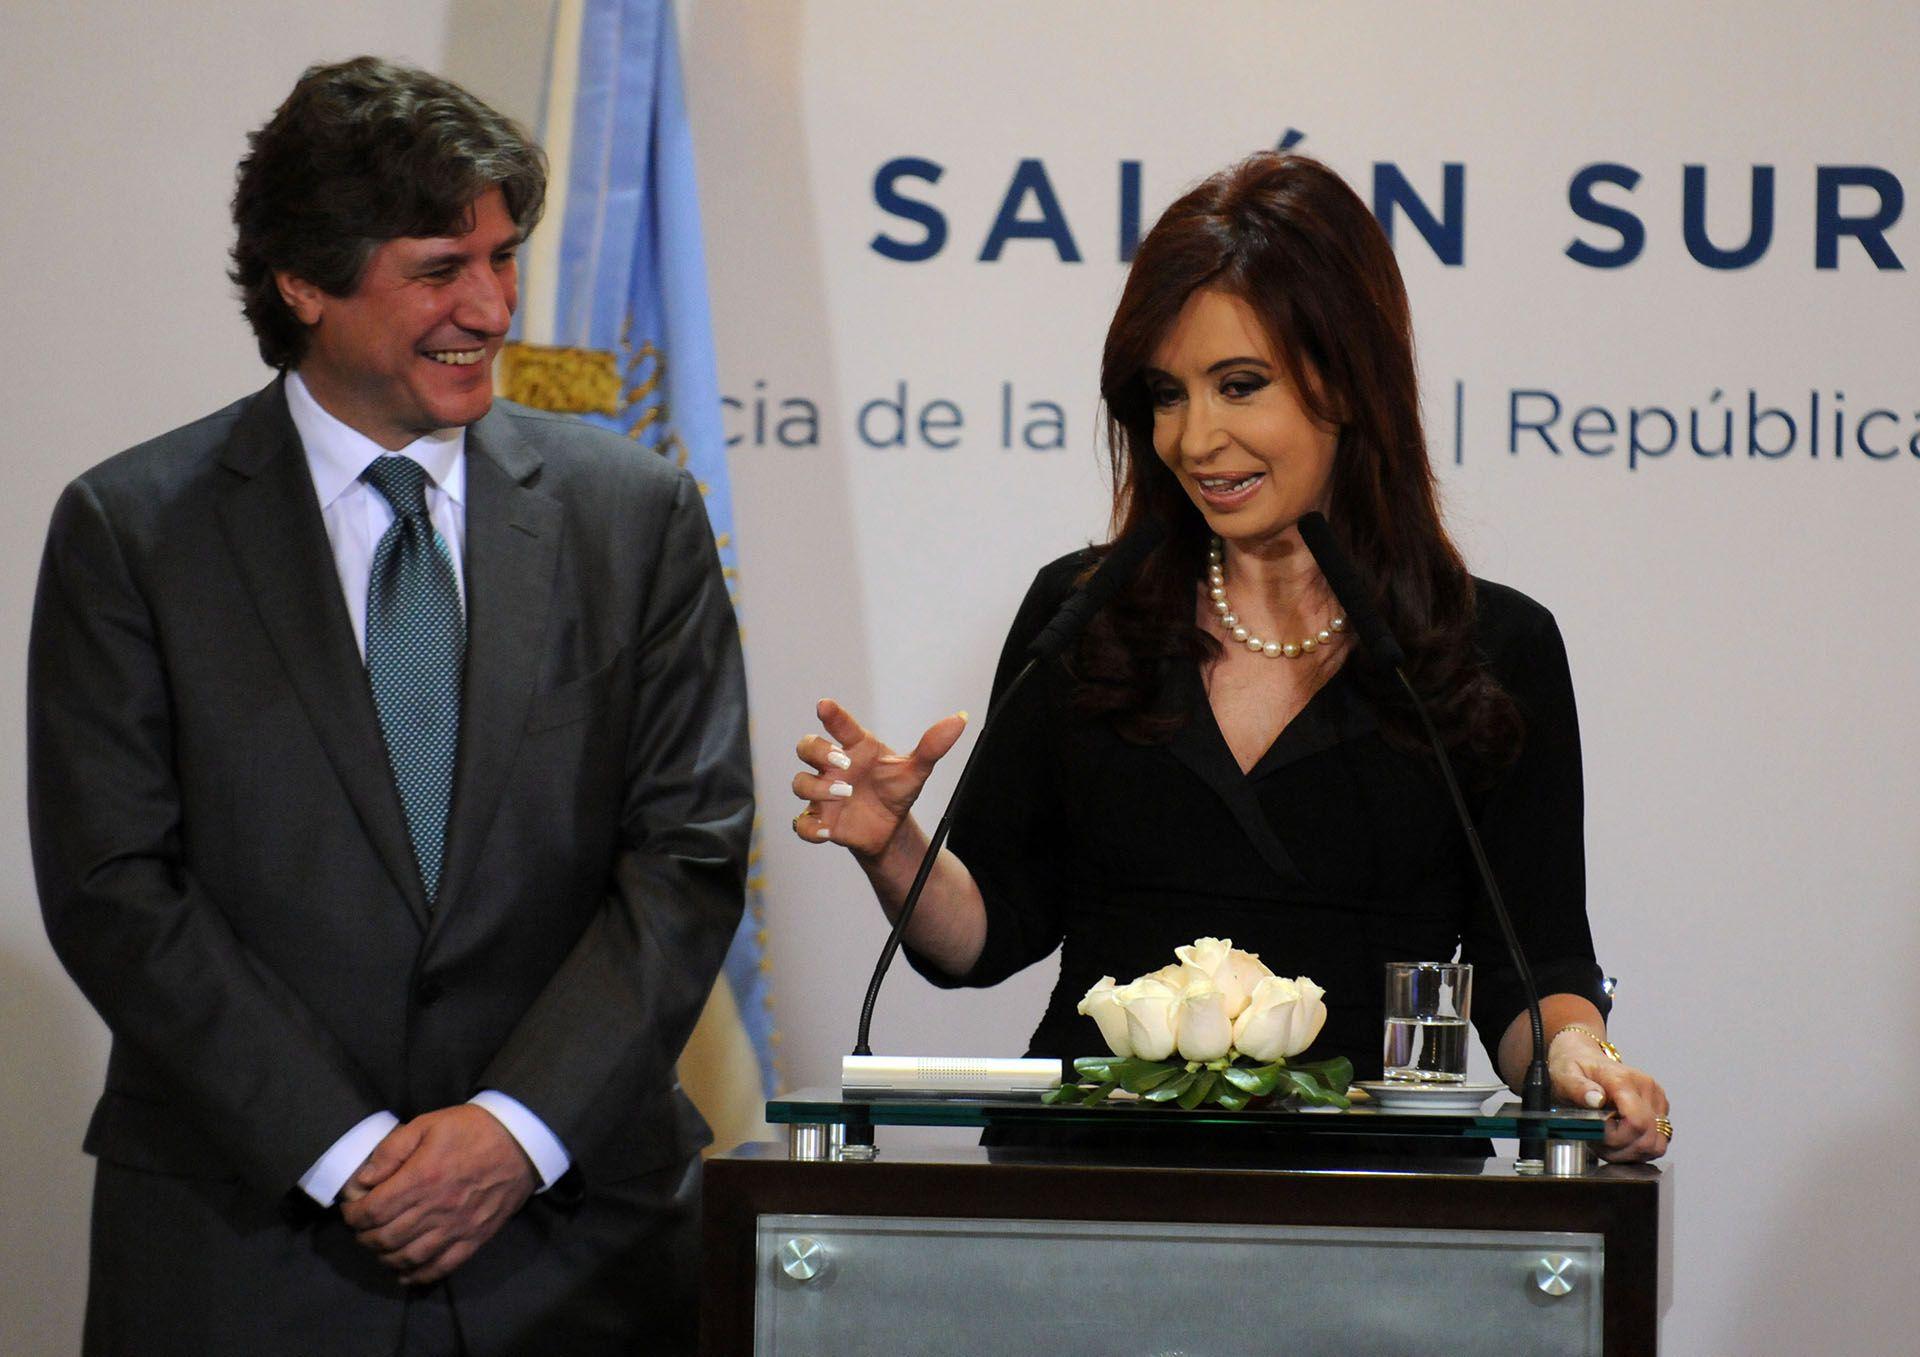 El gobierno de Cristina Kircher, solicitó en 2009, por medio de su ministrode Economía de entonces, Amado Boudou, dinero del FMI para reducir su déficit